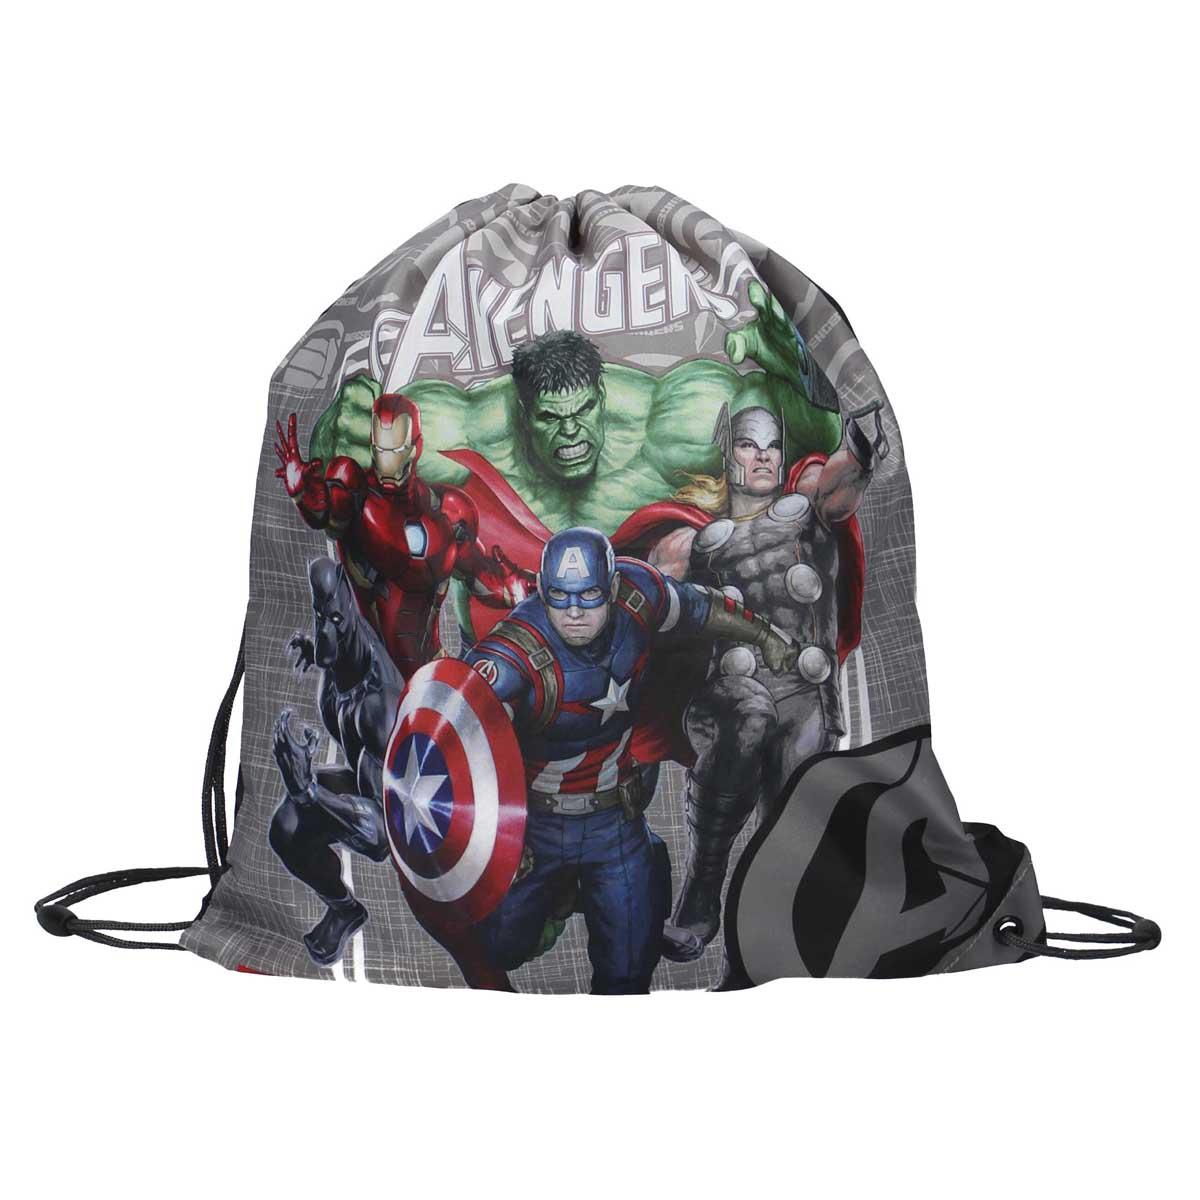 Sac piscine \'Avengers\' gris multicolore - 44x37 cm - [A0057]